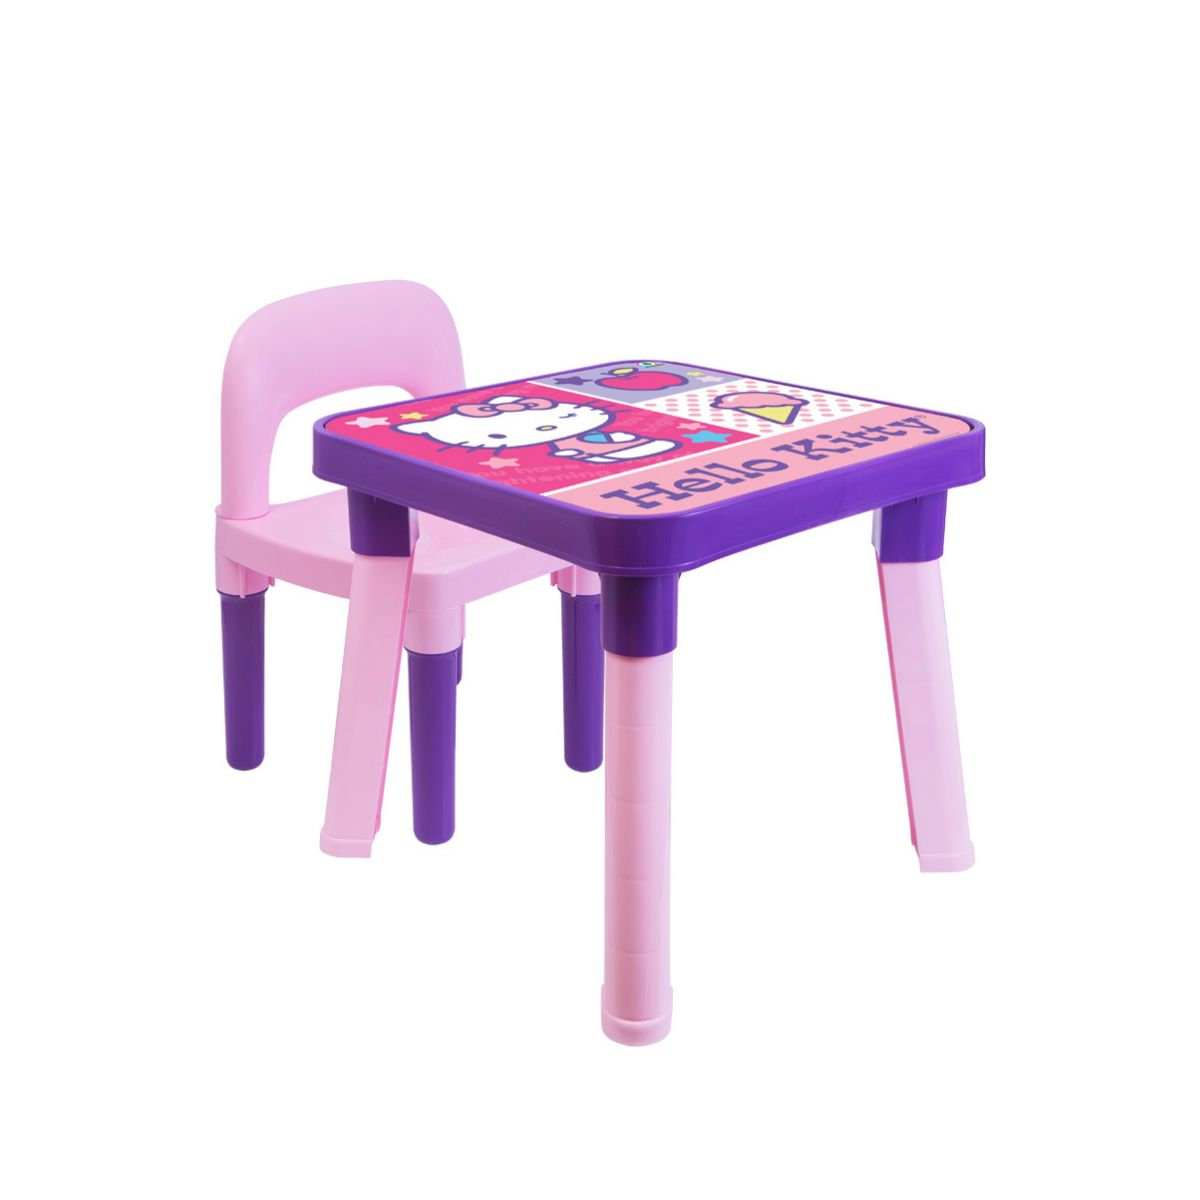 Mesinha com cadeira Hello Kitty com um boneco